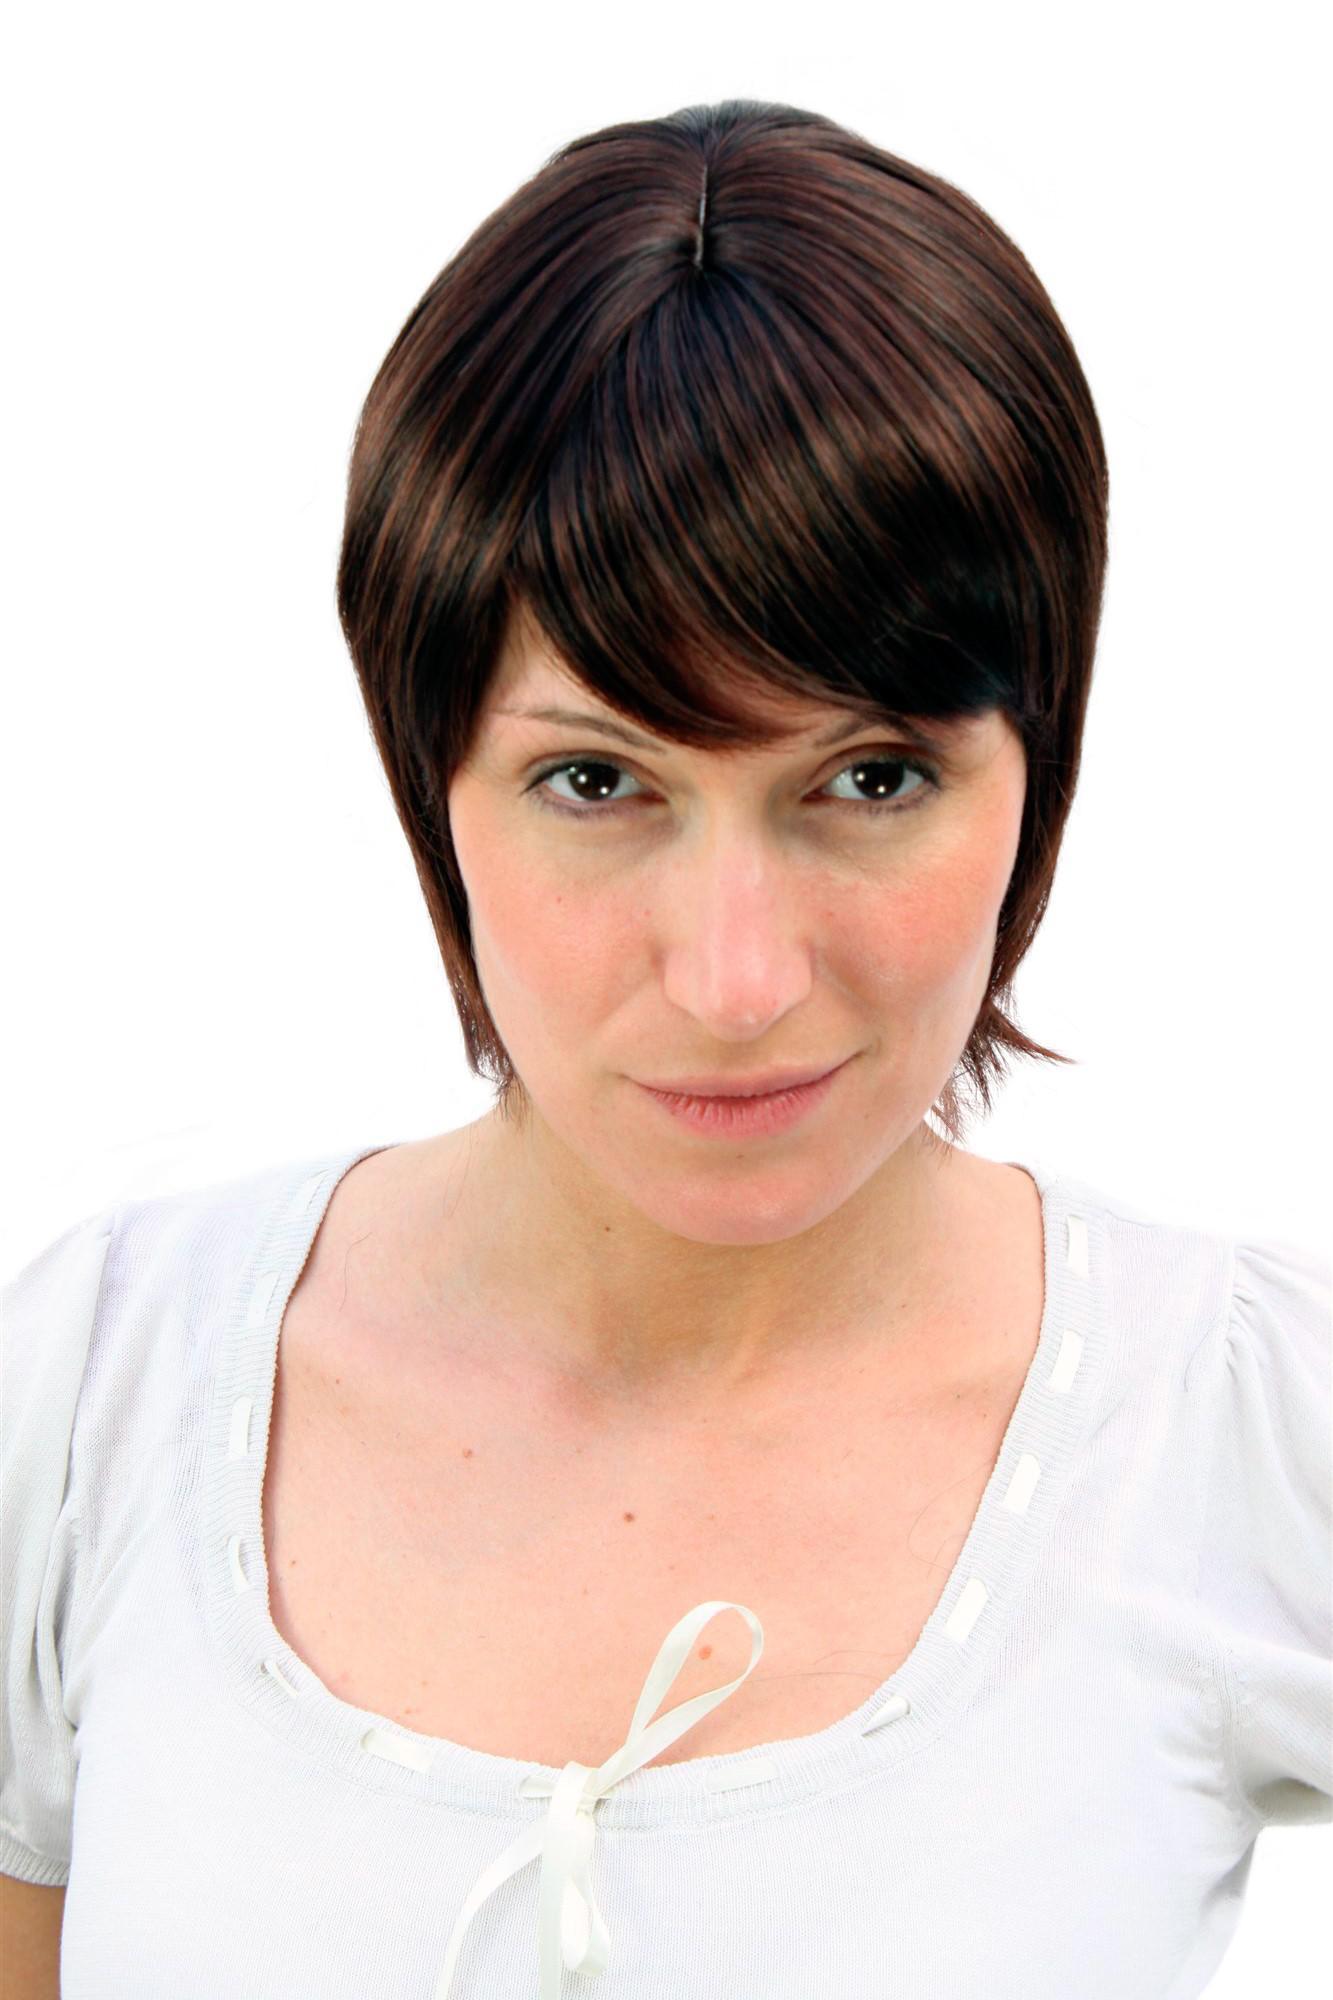 Damen Perucke Wig Bob Modern Braun Kurz Leicht Gestrahnt